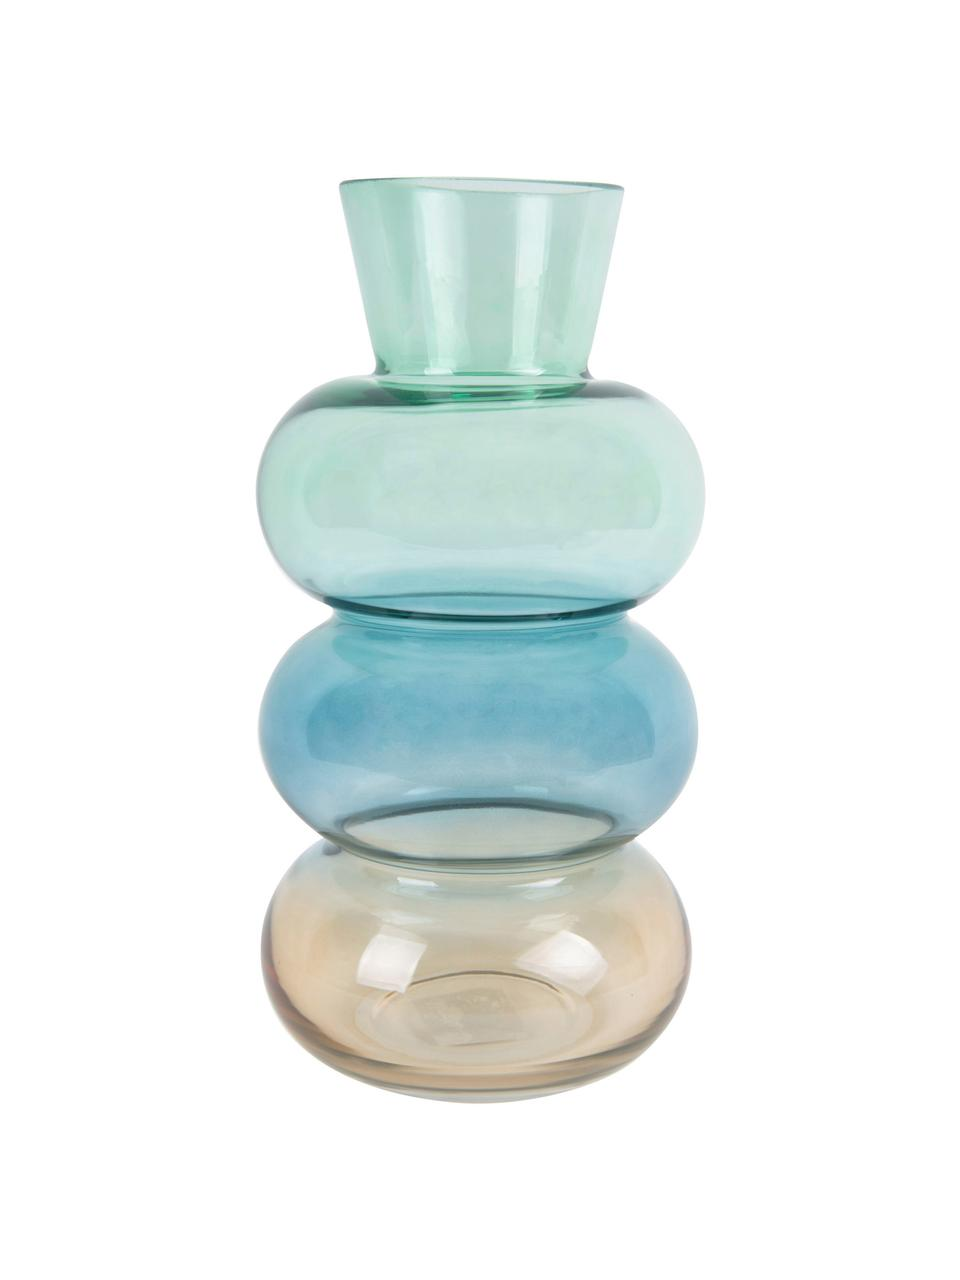 Mungeblasene Glasvase Winter Dream, Glas, Braun, Blau, Grün, Ø 14 x H 28 cm